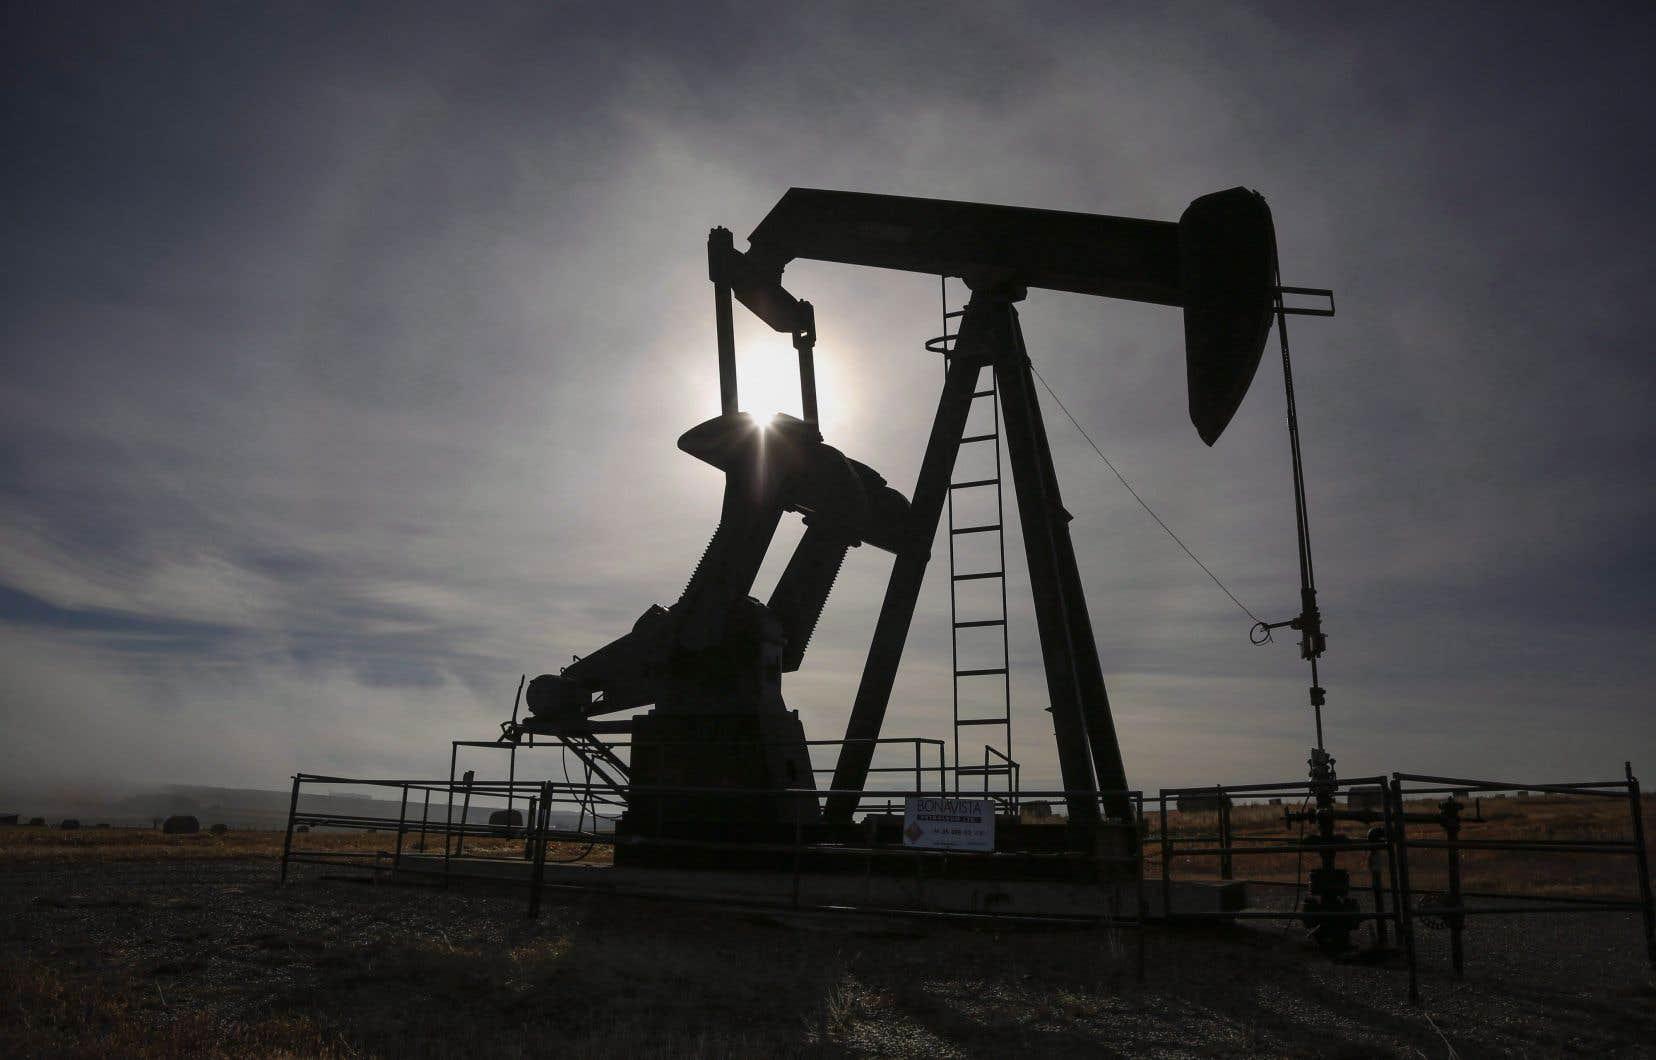 Dans l'Ouest canadien, les prix du brut lourd sont de nouveau tombés en dessous de 5$ le baril cette semaine, soit moins du dixième de ce qu'ils étaient il y a un an.